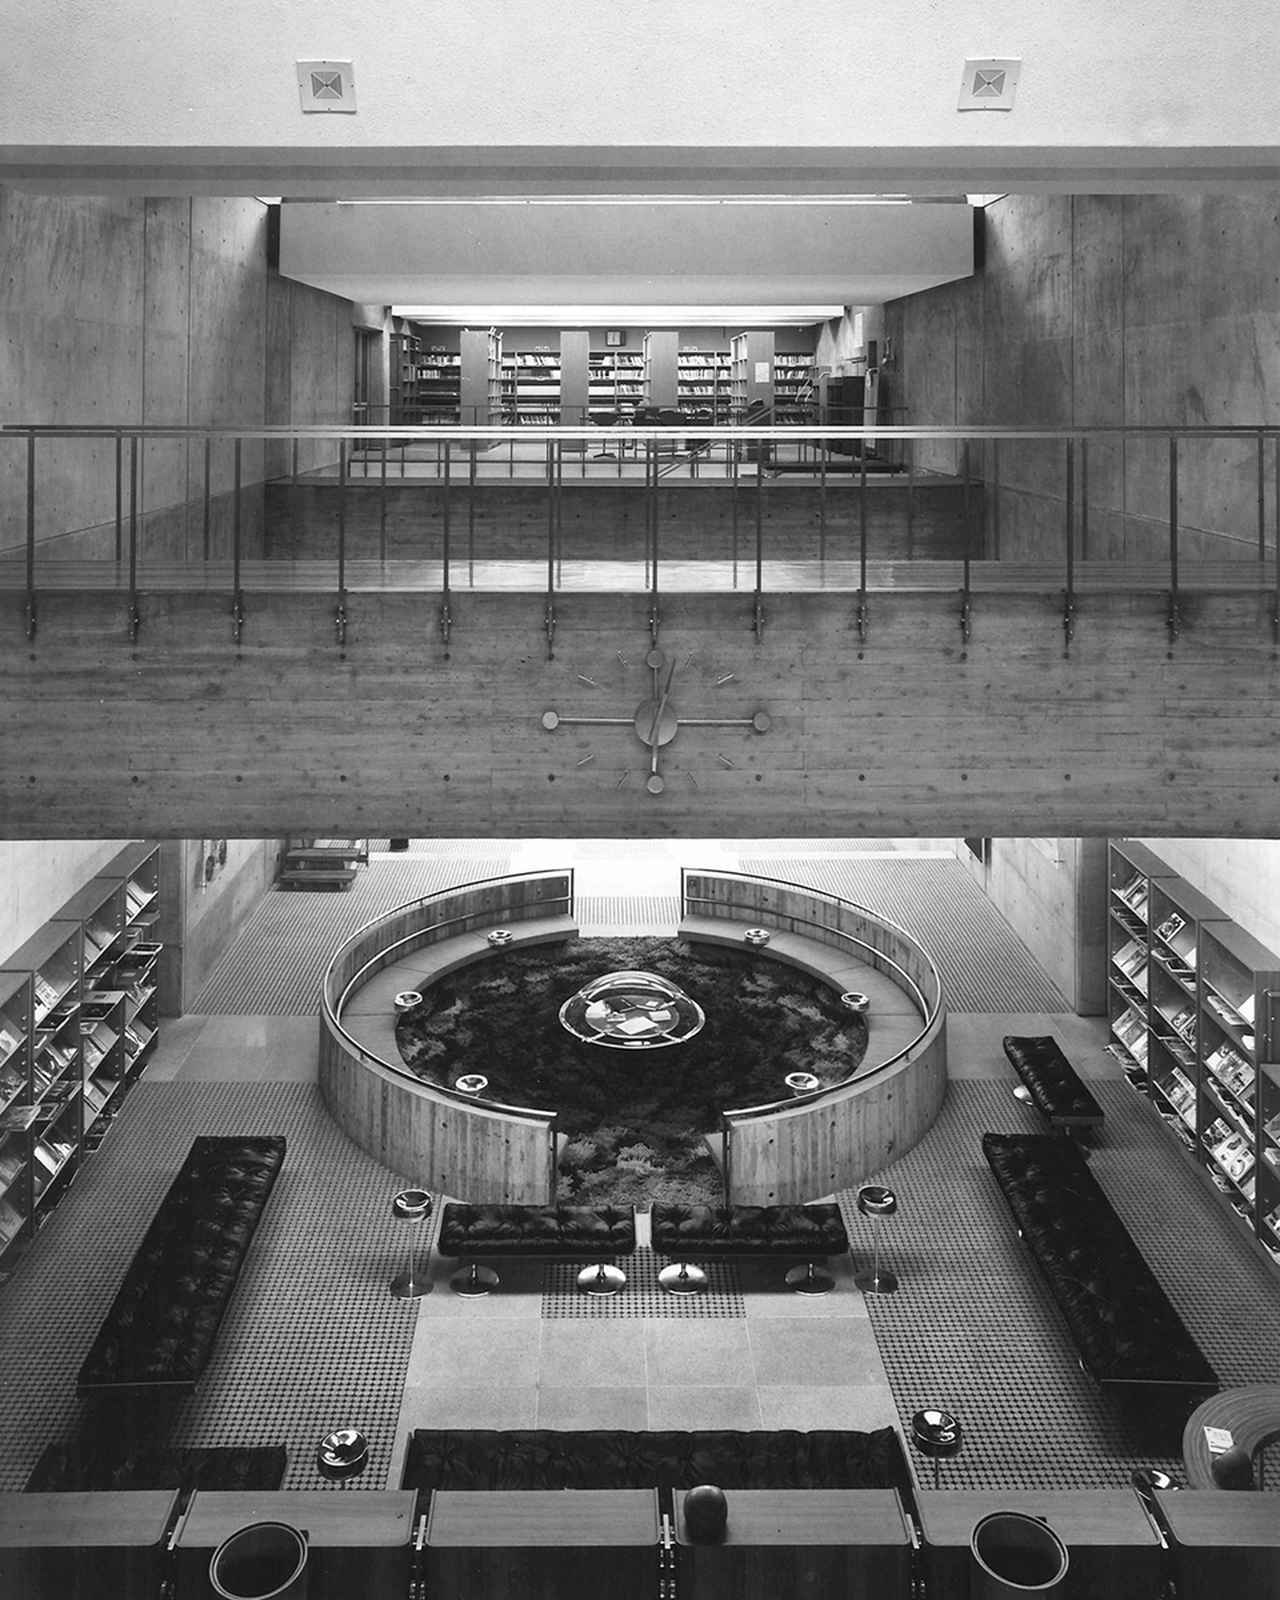 画像: 磯崎の初期作品である大分県立大分図書館の開館時の写真。ホール中心へと注ぐトップライトの光が美しい。1966年に竣工し、日本建築学会作品賞を受賞。1995年に閉館するが、改装され、複合文化施設「アートプラザ」となる。3Fには磯崎の建築模型や資料の展示スペースがある ŌITA PREFECTURAL LIBRARY, PHOTO COURTESY OF YASUHIRO ISHIMOTO